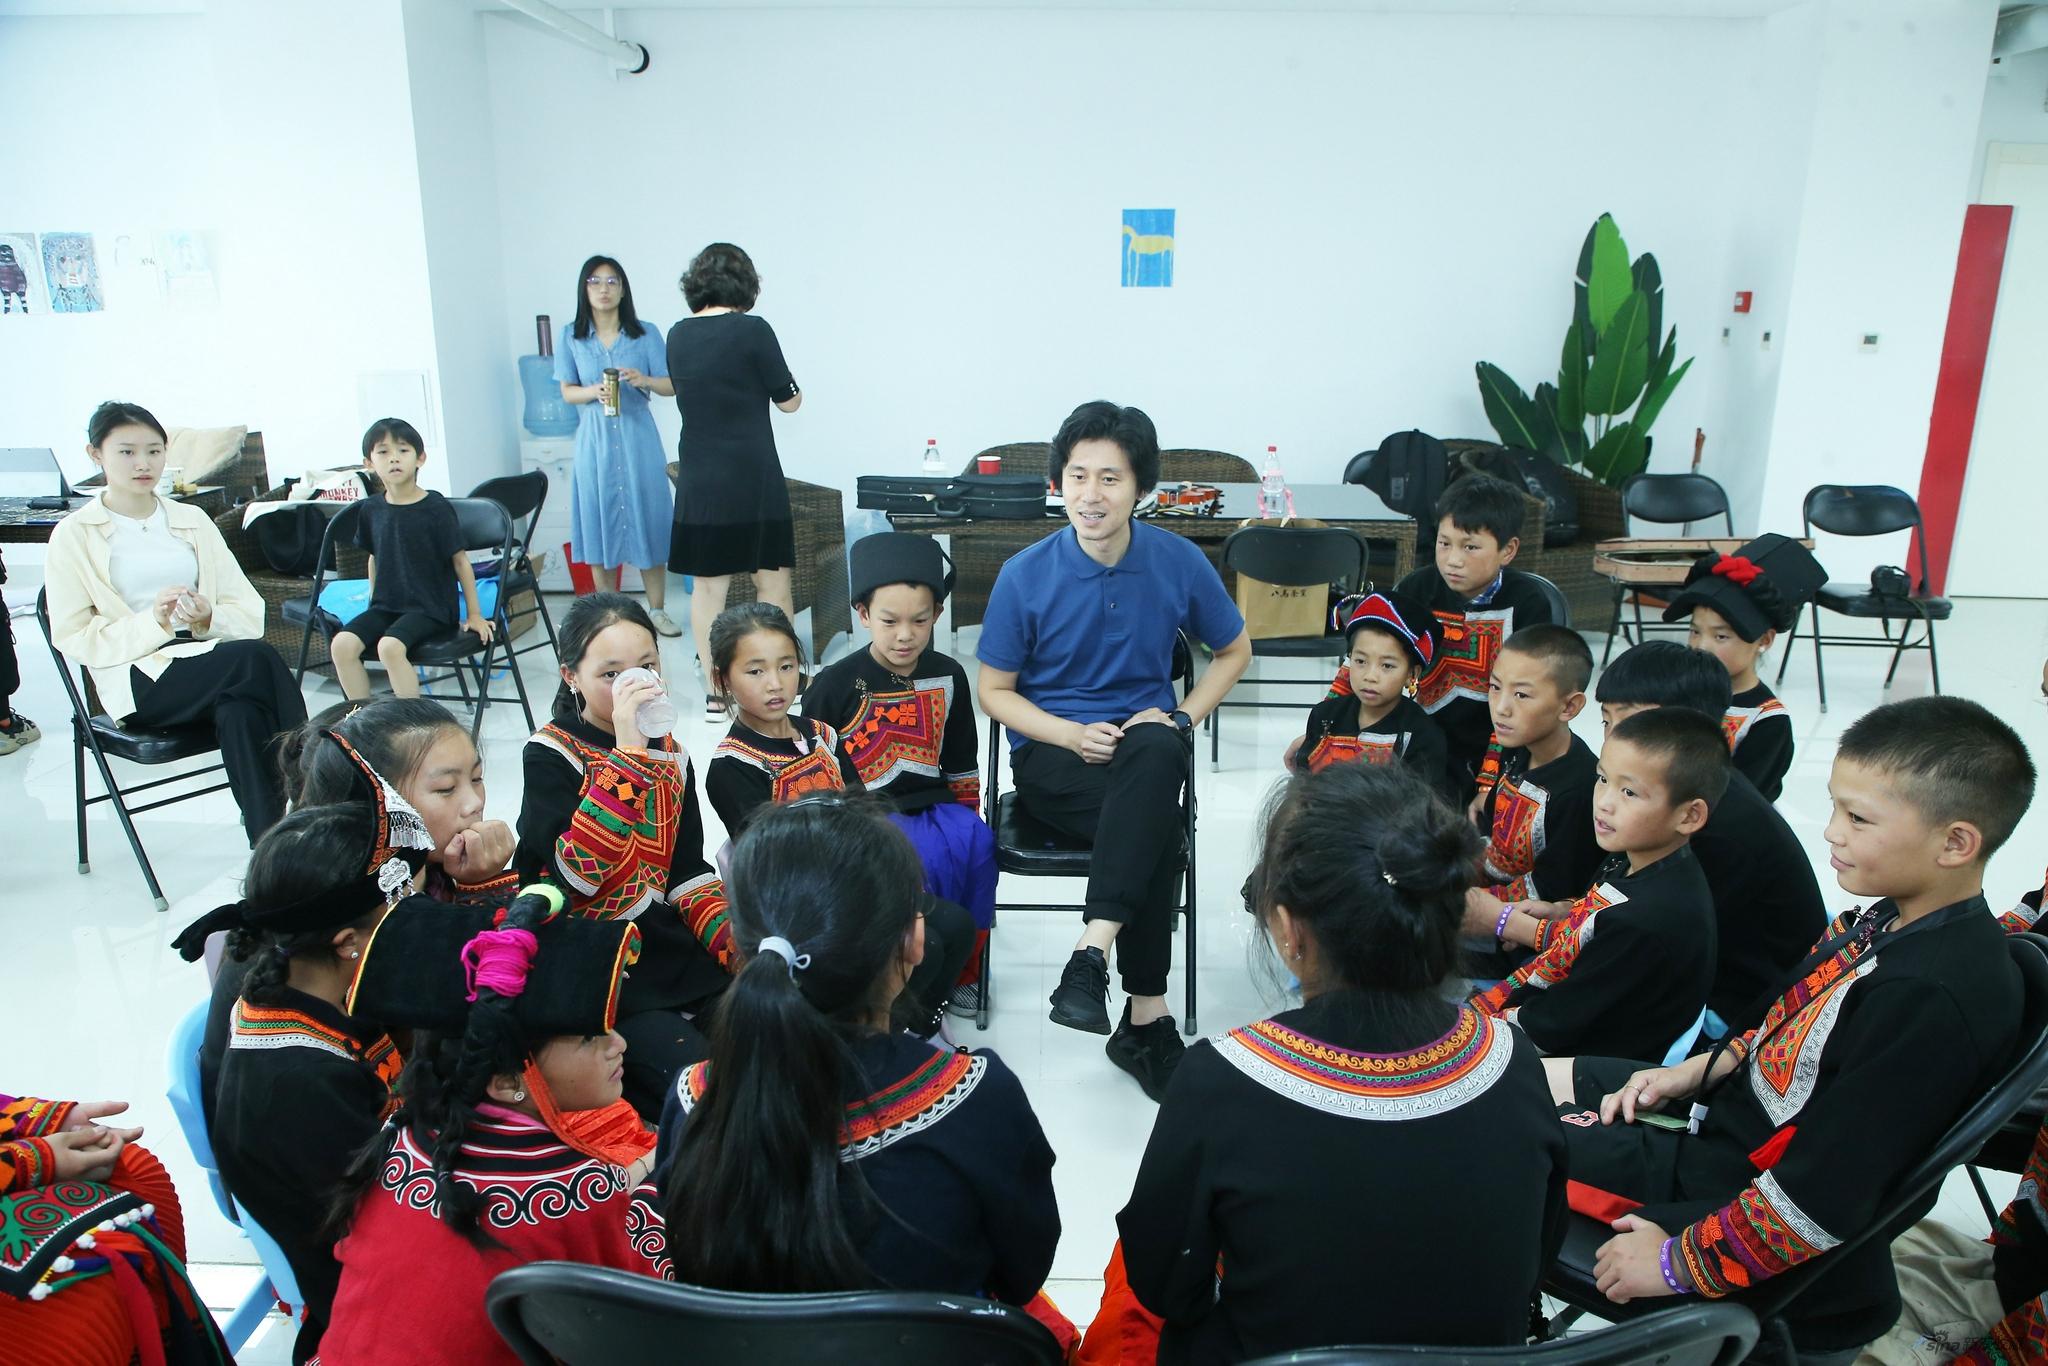 中国人民大学艺术学院副院长、著名中提琴演奏家齐悦在与孩子们交流